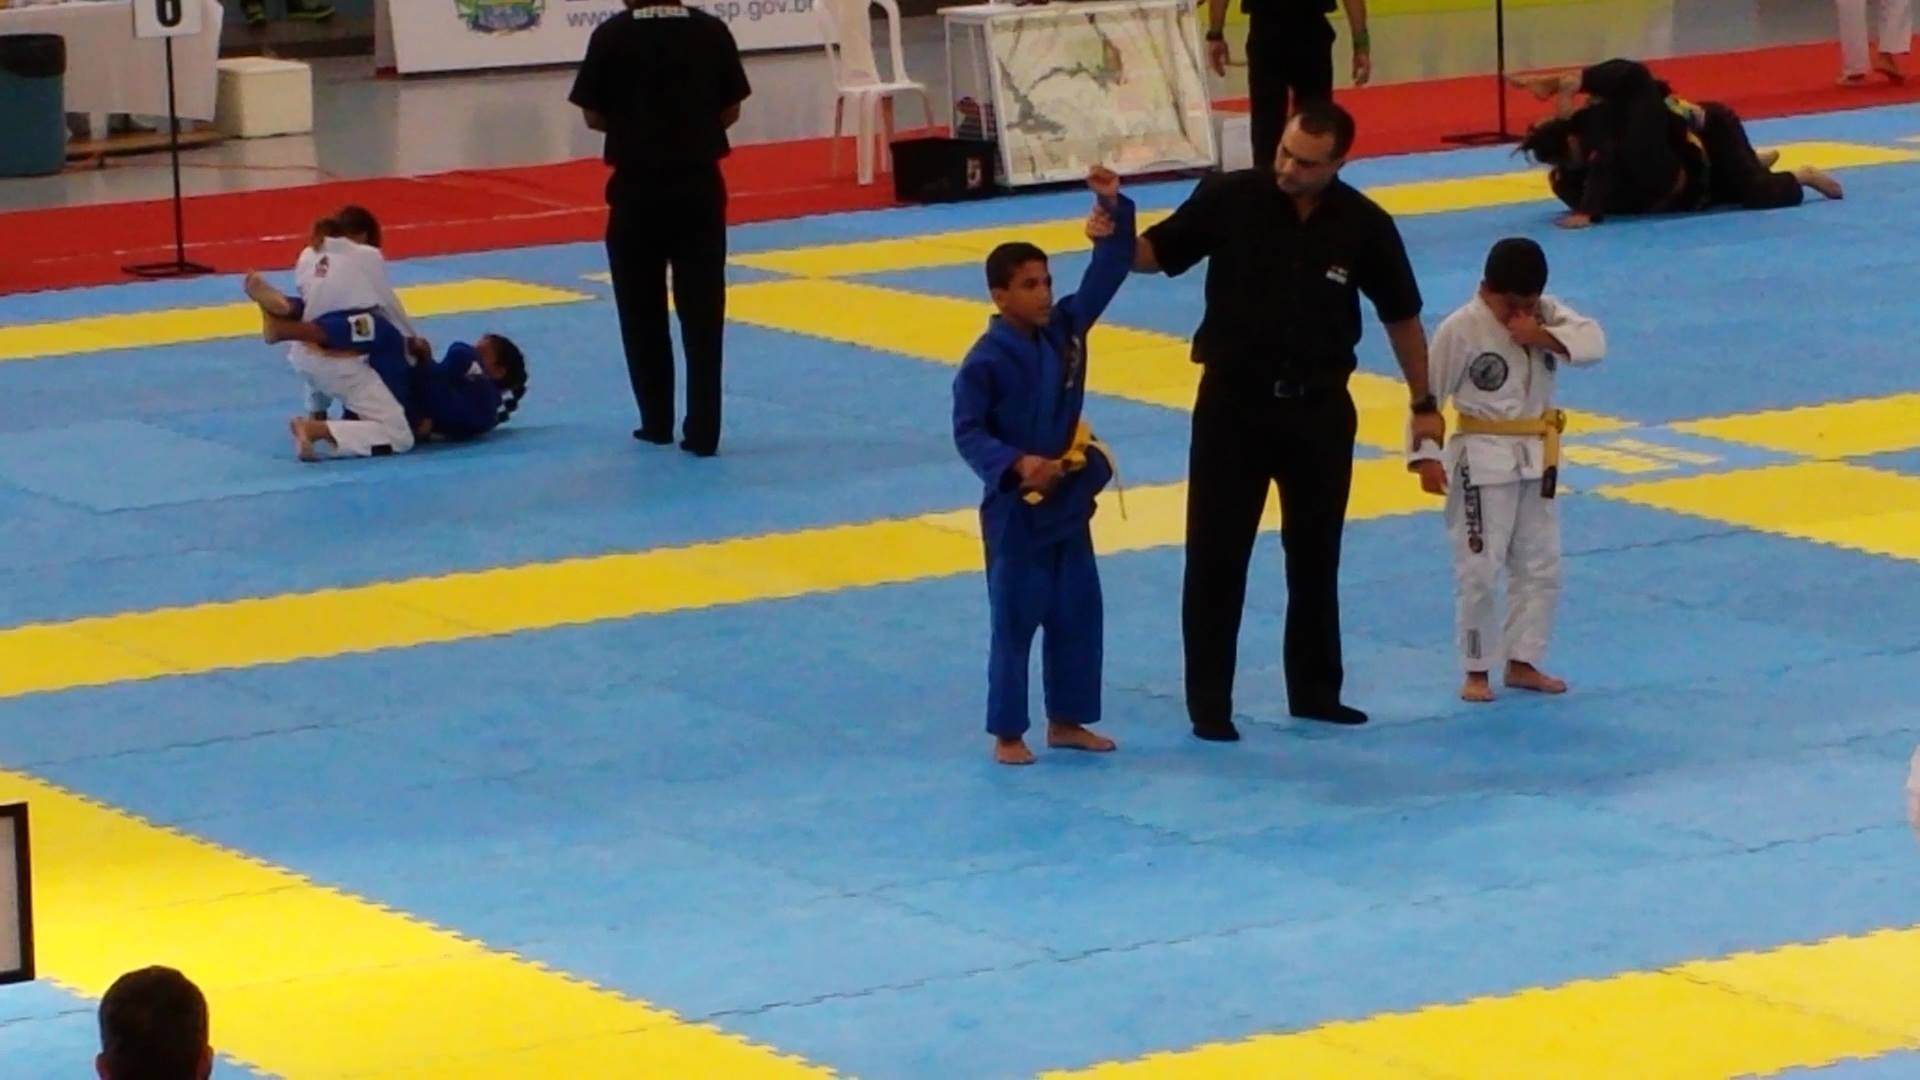 Na final, Bruninho venceu um coleguinha do Rio de Janeiro para se tornar campeão. Foto: Arquivo Pessoal